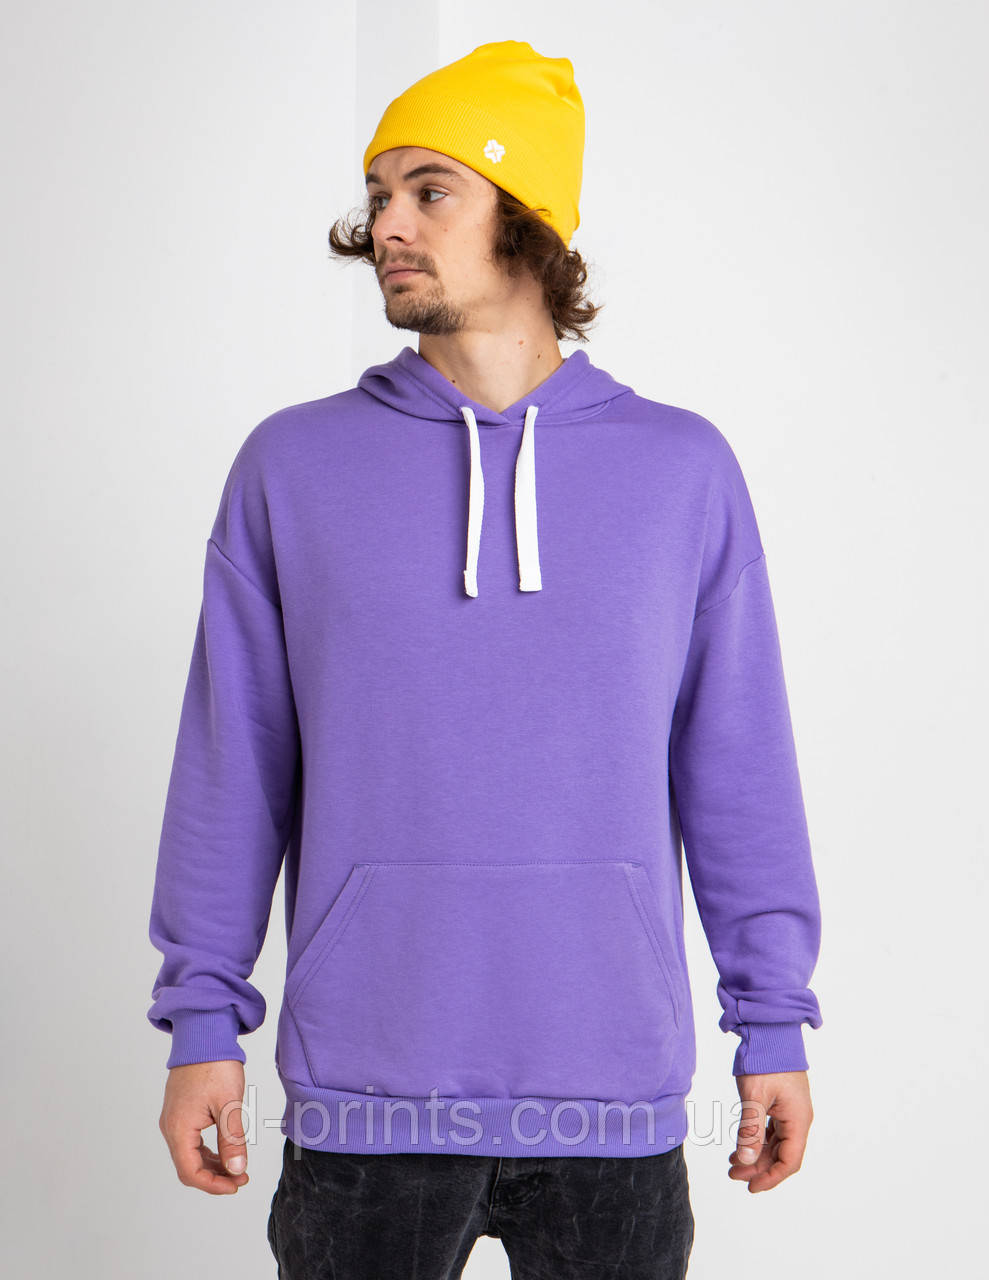 Толстовка худі чоловіча фіолетова